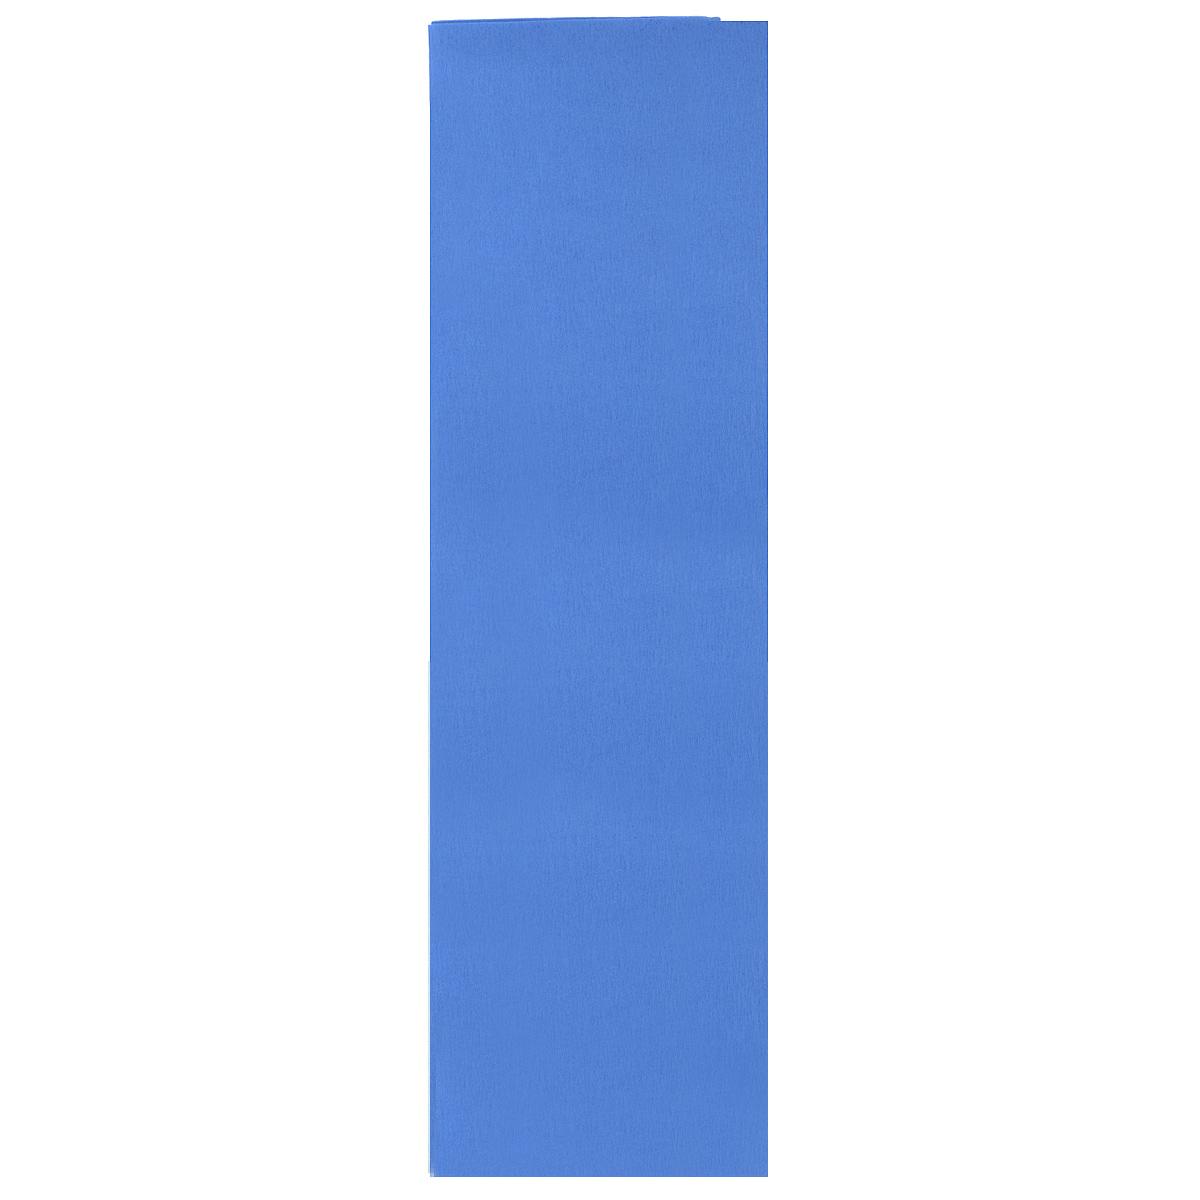 Бумага крепированная Проф-Пресс, цвет: синий, 50 см х 250 смБ-2298Крепированная бумага Проф-Пресс - отличный вариант для воплощения творческих идей не только детей, но и взрослых. Она отлично подойдет для упаковки хрупких изделий, при оформлении букетов, создании сложных цветовых композиций, для декорирования и других оформительских работ. Бумага обладает повышенной прочностью и жесткостью, хорошо растягивается, имеет жатую поверхность. Кроме того, крепированная бумага Проф-Пресс поможет увлечь ребенка, развивая интерес к художественному творчеству, эстетический вкус и восприятие, увеличивая желание делать подарки своими руками, воспитывая самостоятельность и аккуратность в работе. Такая бумага поможет вашему ребенку раскрыть свои таланты. Размер: 50 см х 250 см.